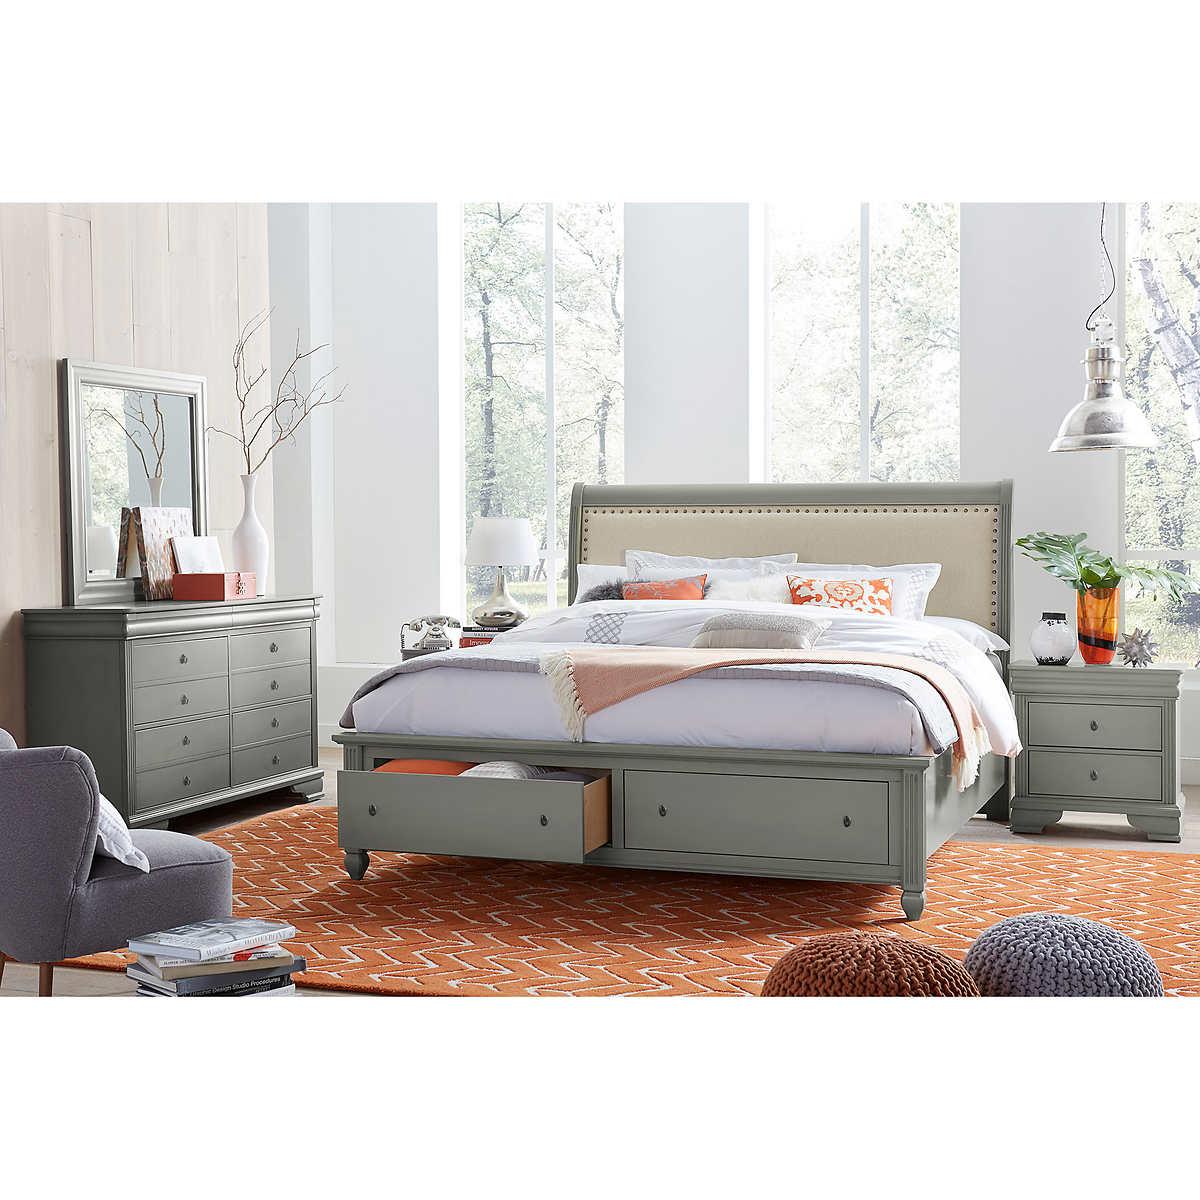 King Bed Bedroom Set King Bedroom Sets